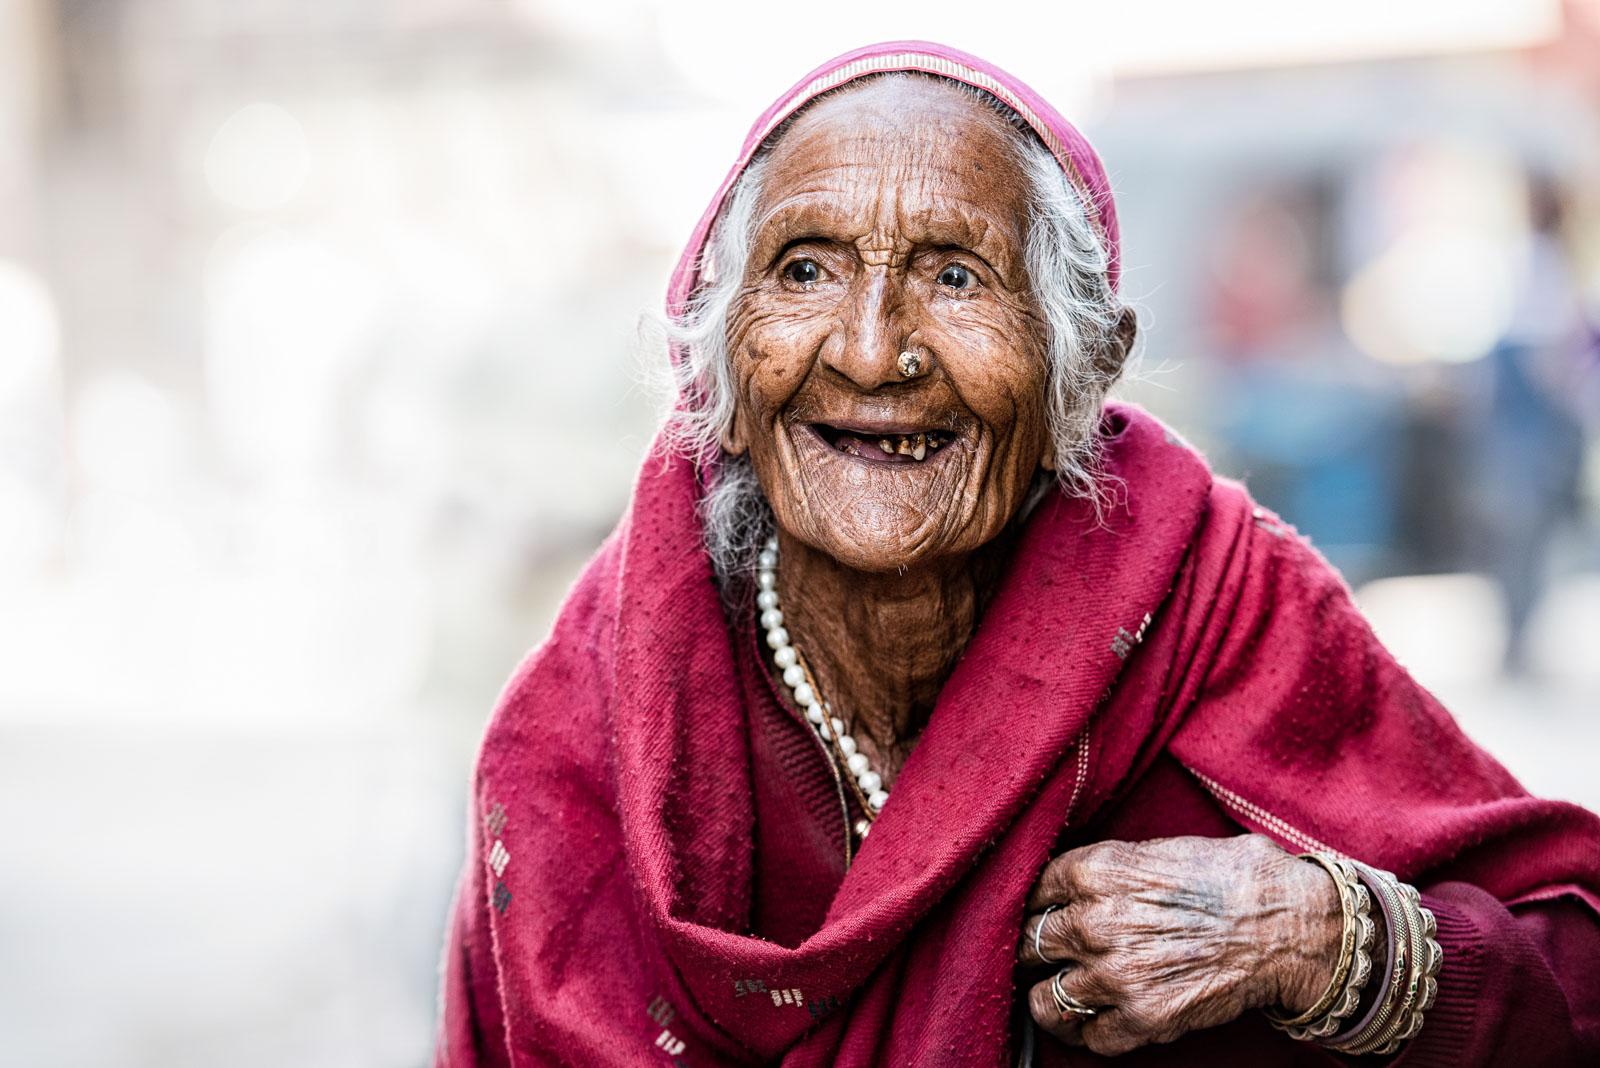 Warum es den Ärmsten gelingt, glücklich zu sein? Und uns